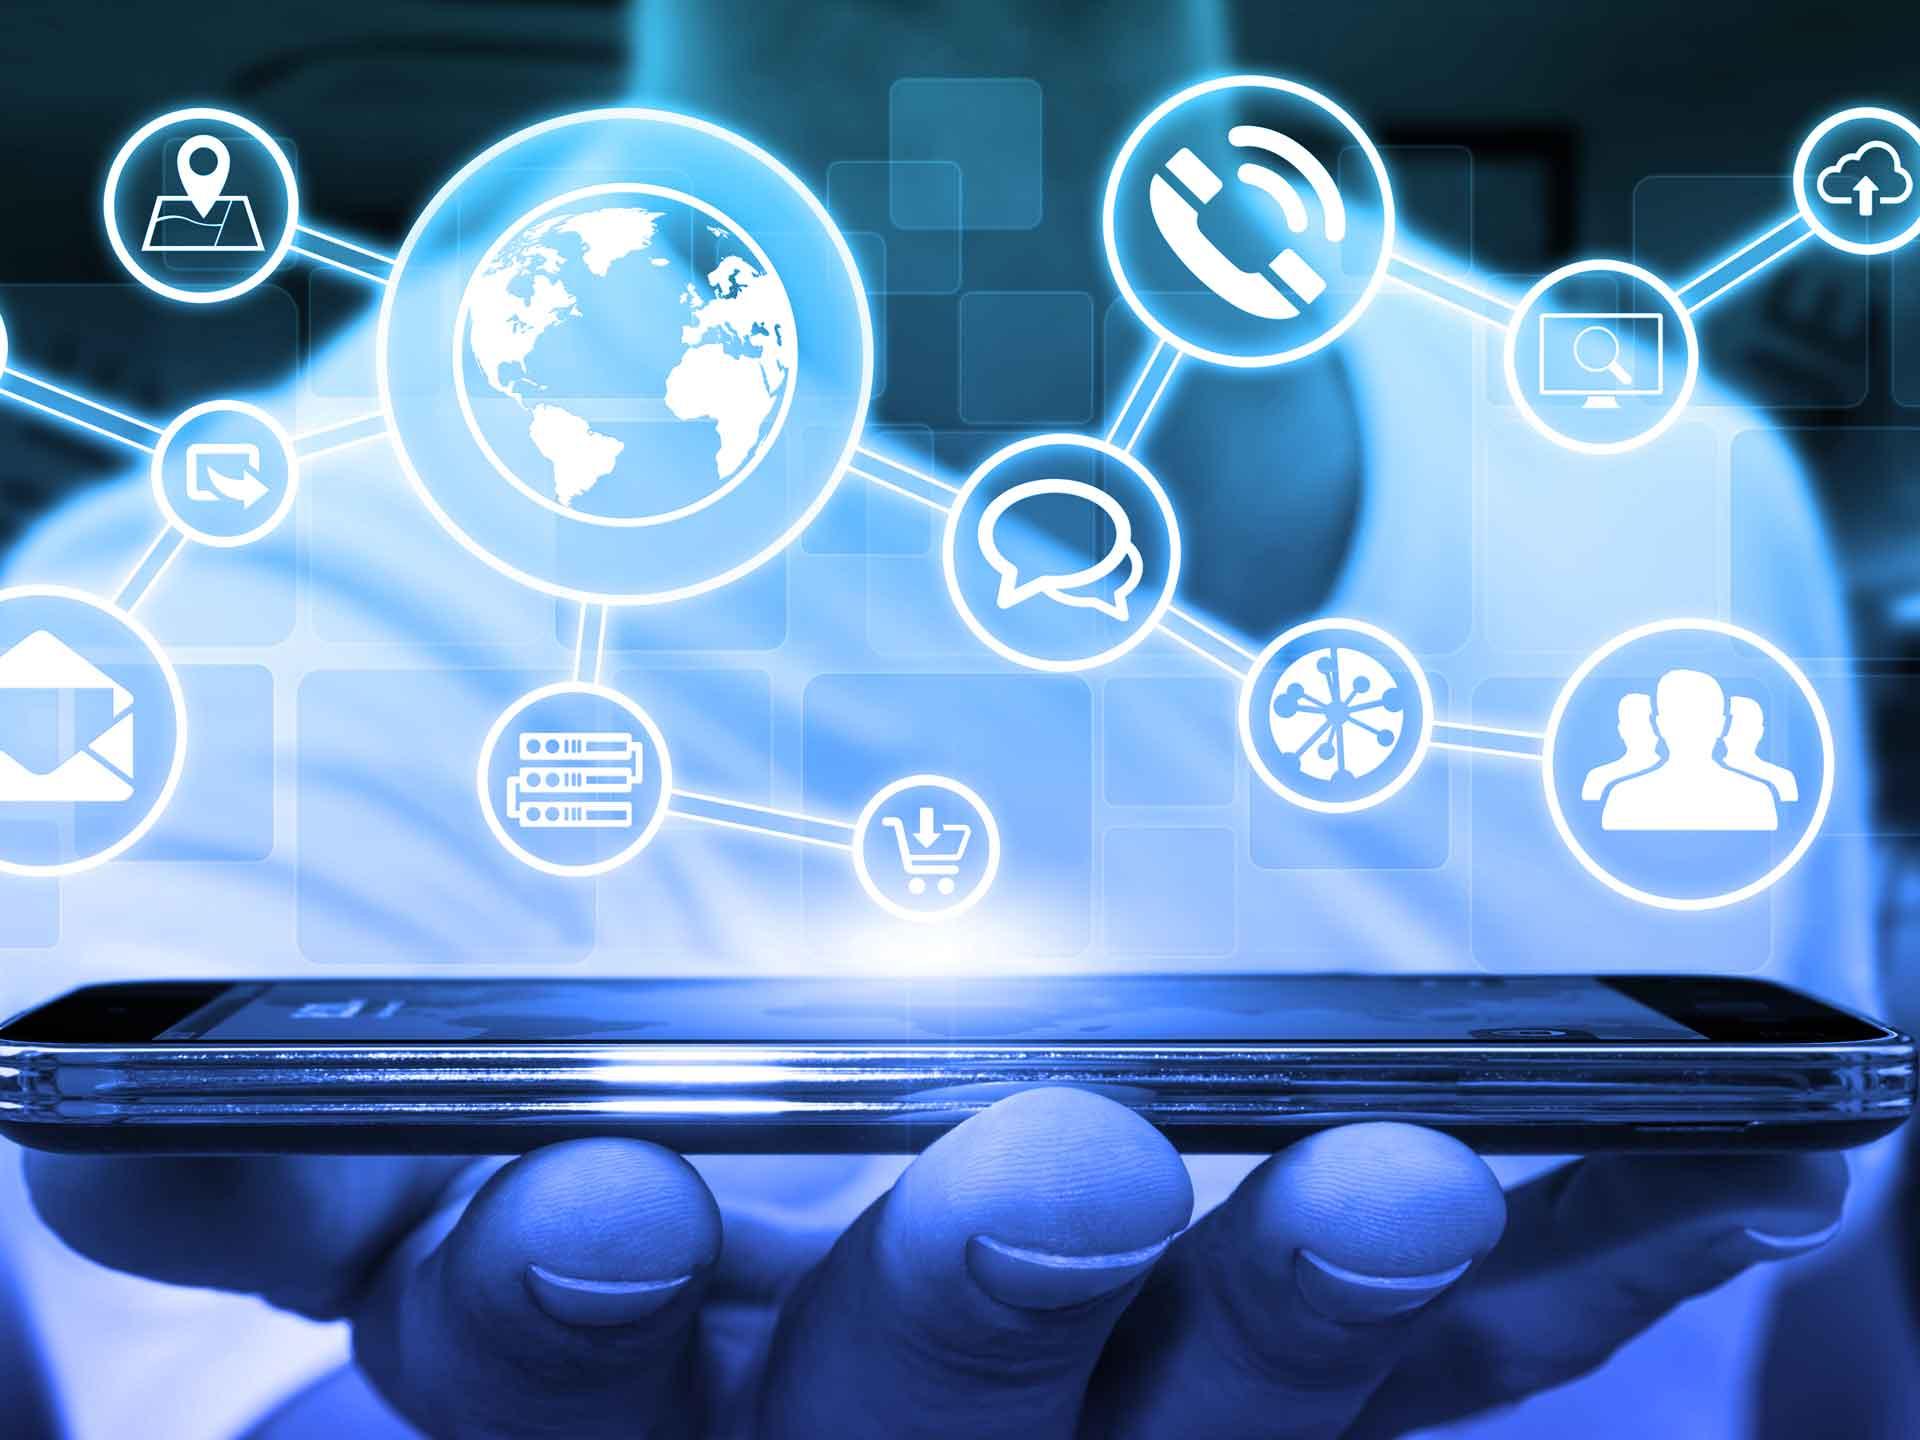 Microsoft Outlook | Intelligente Technologie